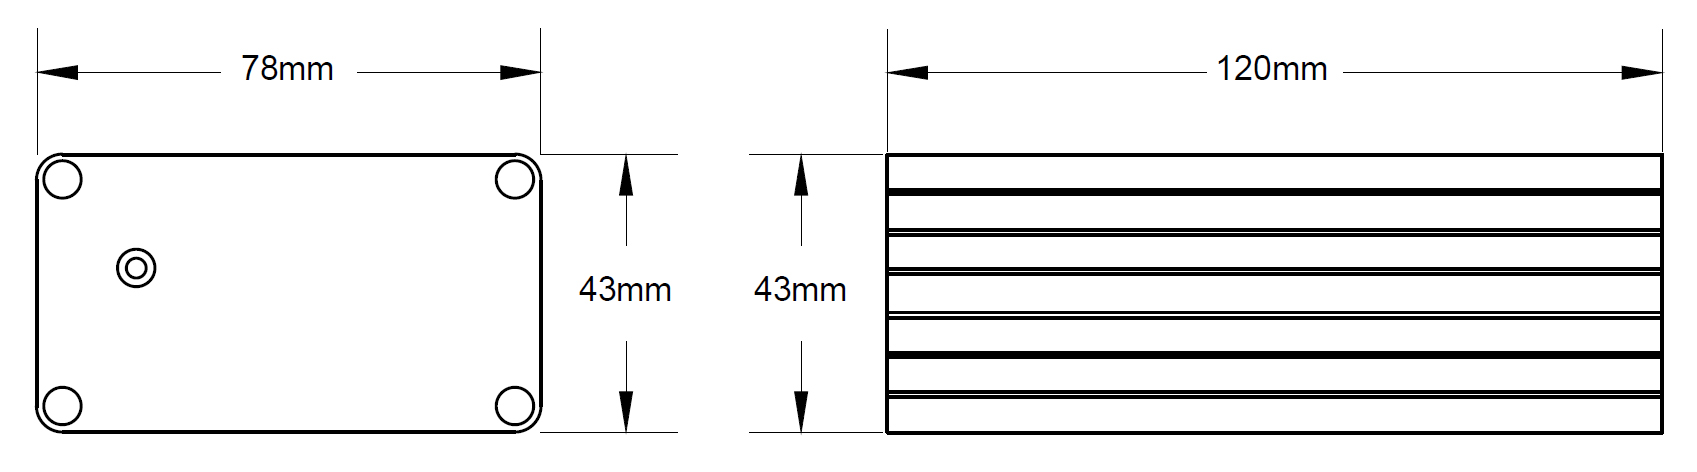 Wymiary urządzenia podane w mm.